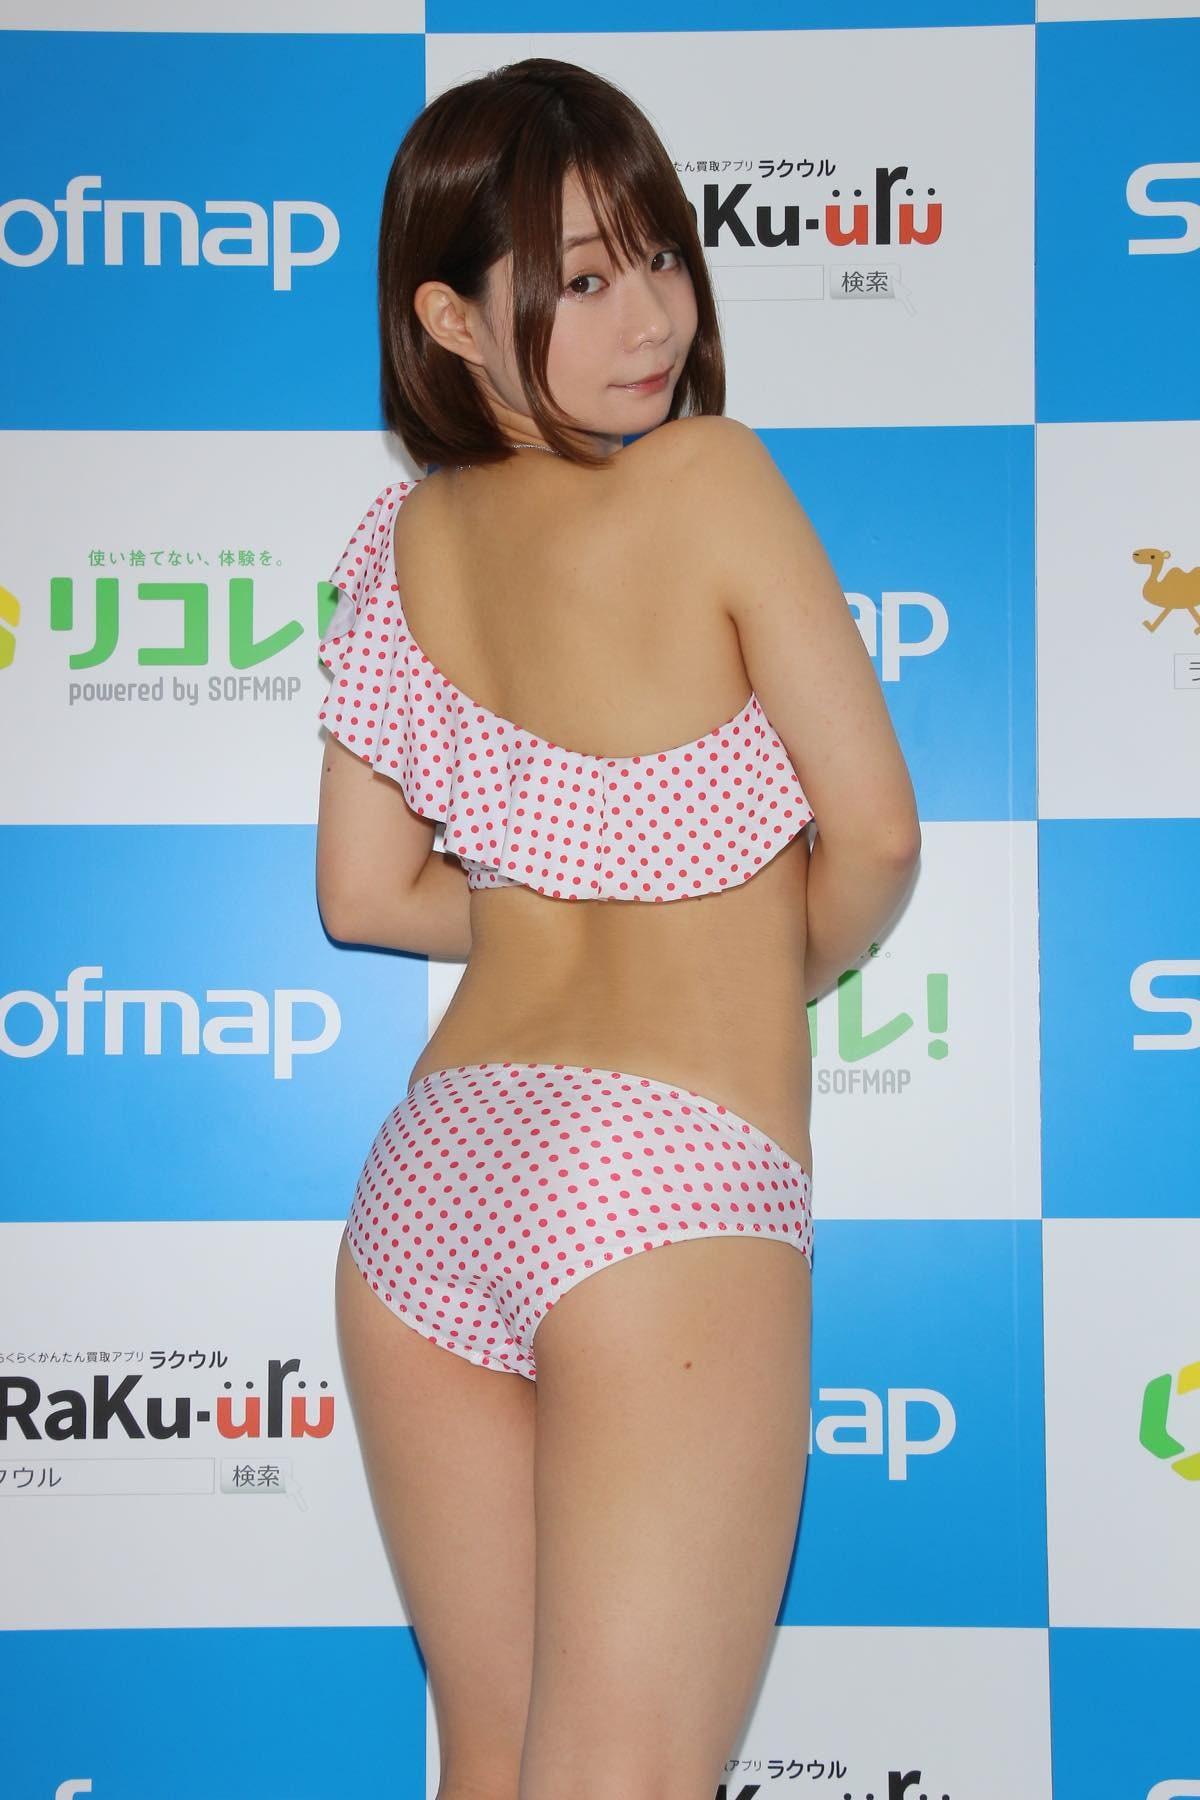 真奈「日本一パンチラしてるのが売り」毎日チラチラしてます【写真38枚】の画像002